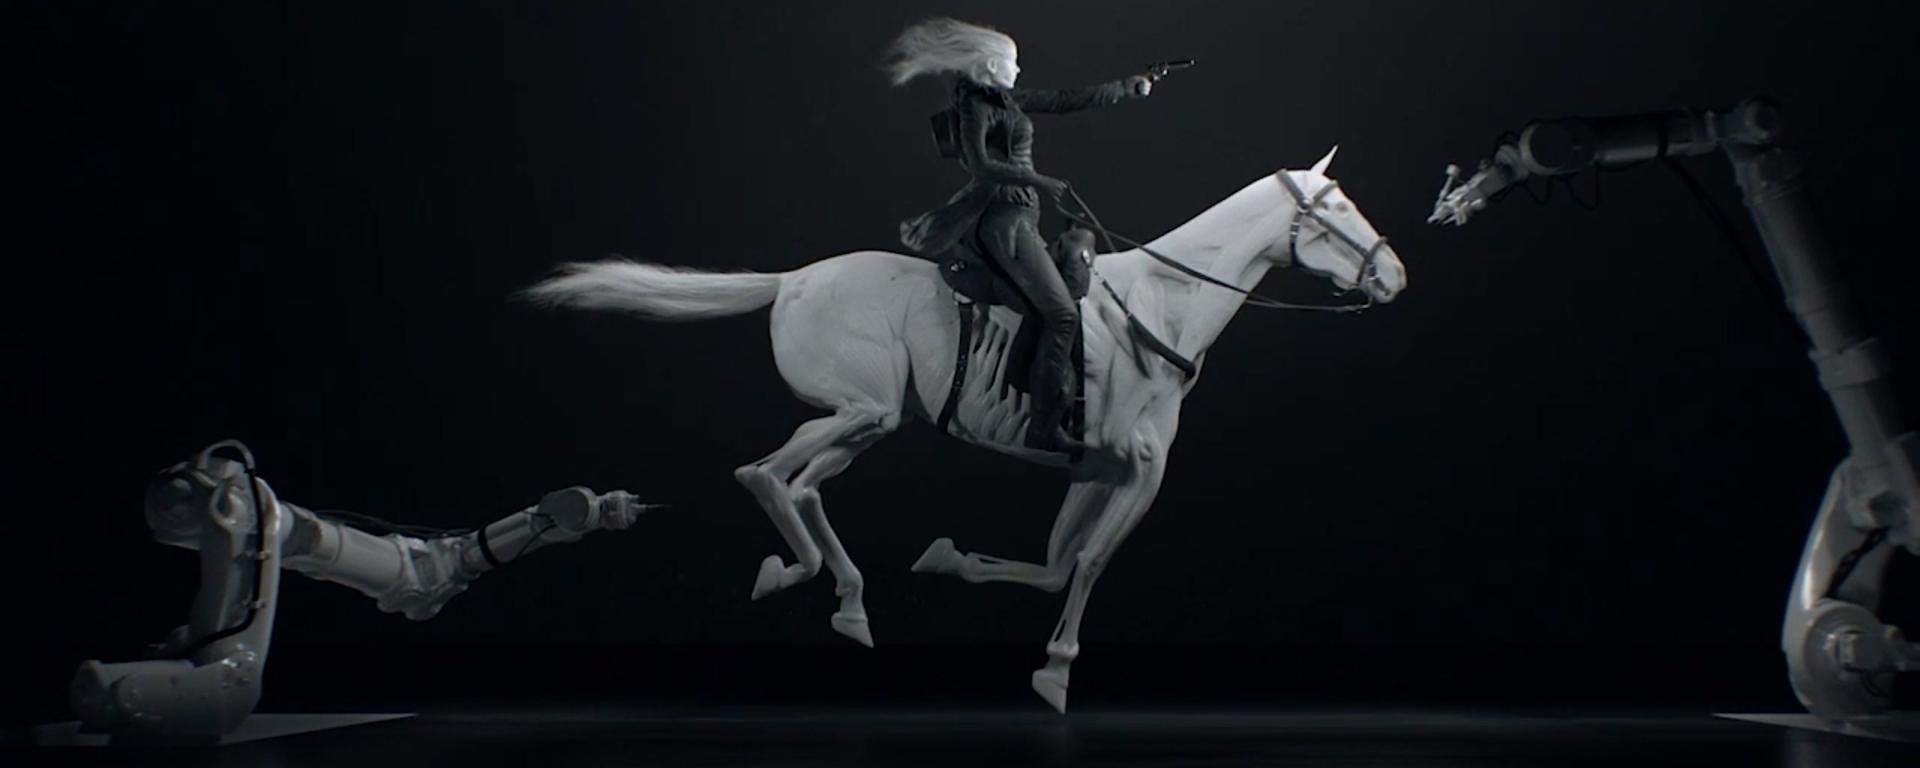 La colonna sonora di Westworld - CineFatti